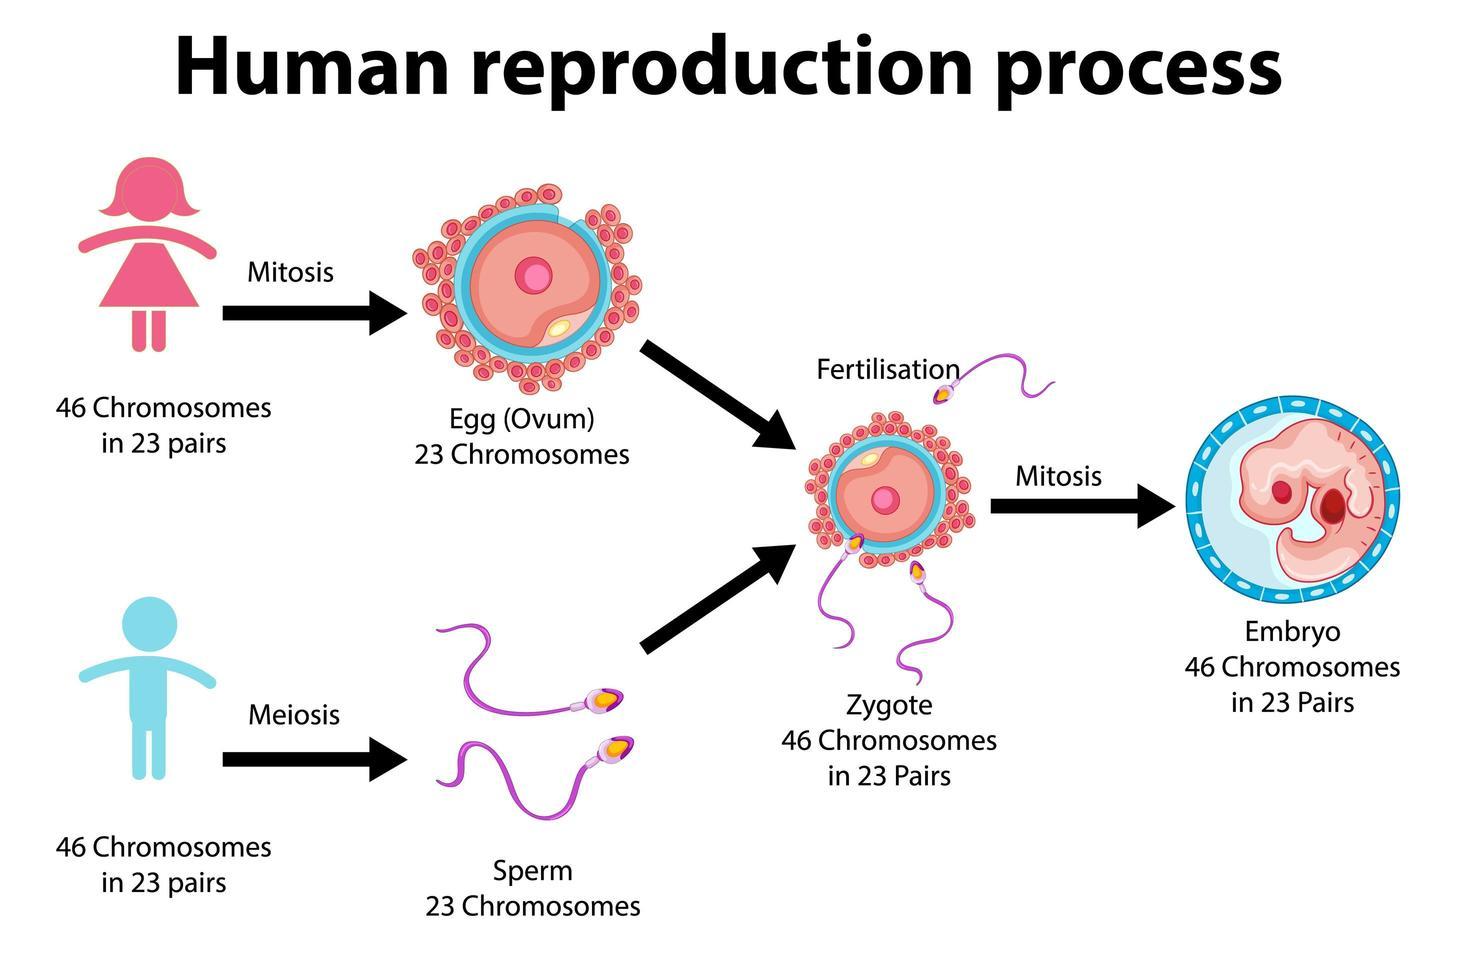 Reproduktionsprozess der menschlichen Infografik vektor